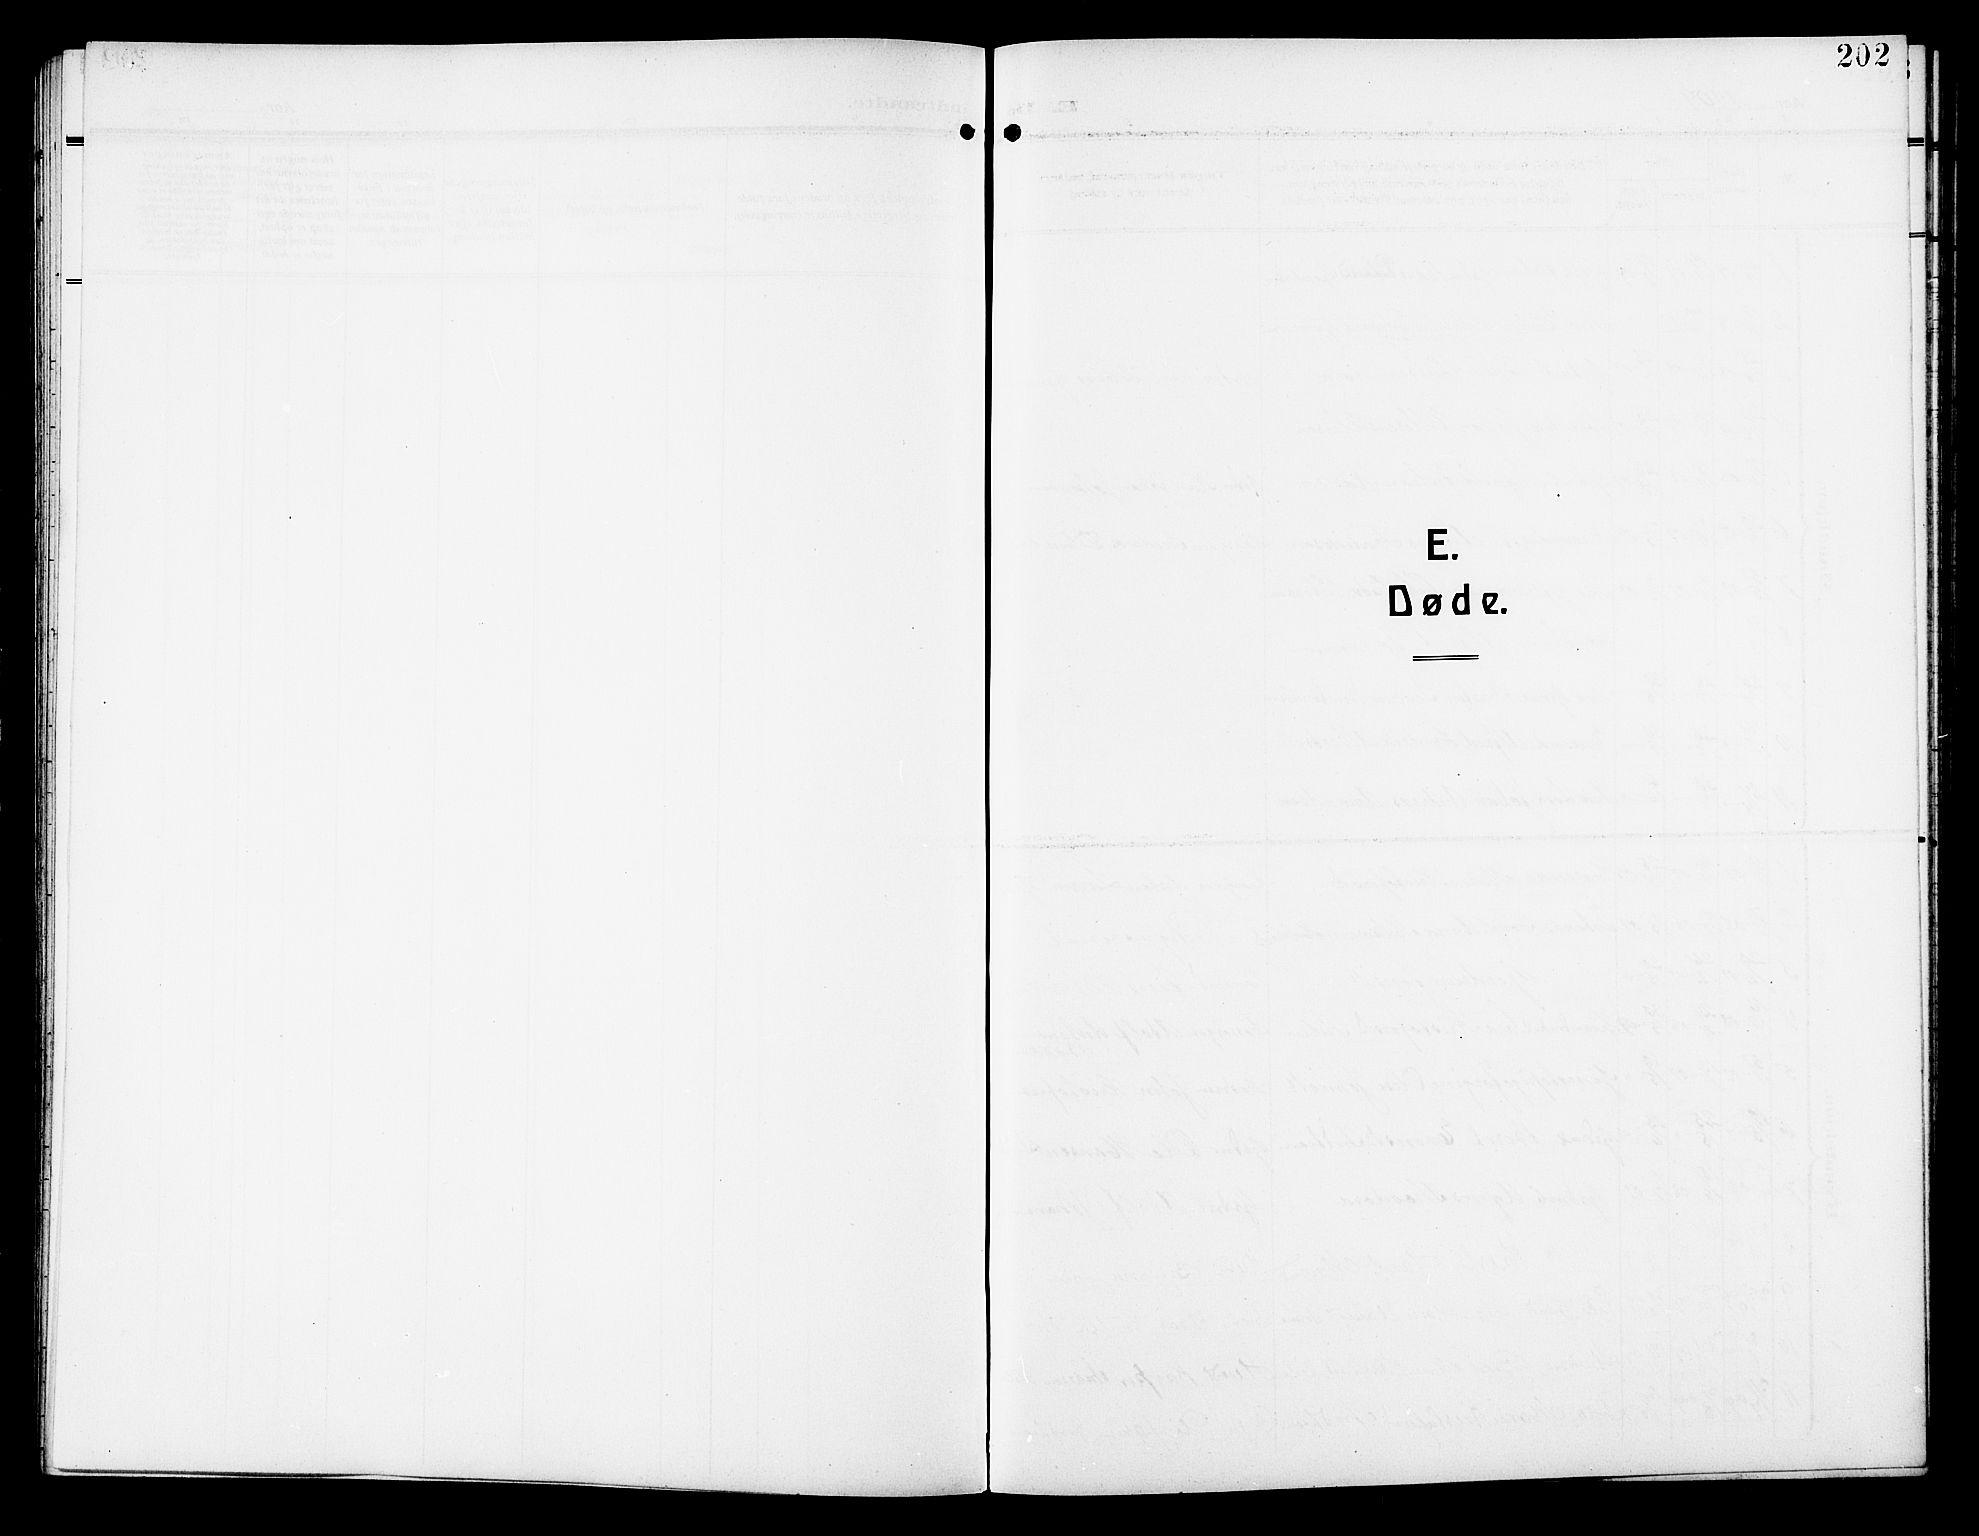 SAT, Ministerialprotokoller, klokkerbøker og fødselsregistre - Sør-Trøndelag, 640/L0588: Klokkerbok nr. 640C05, 1909-1922, s. 202